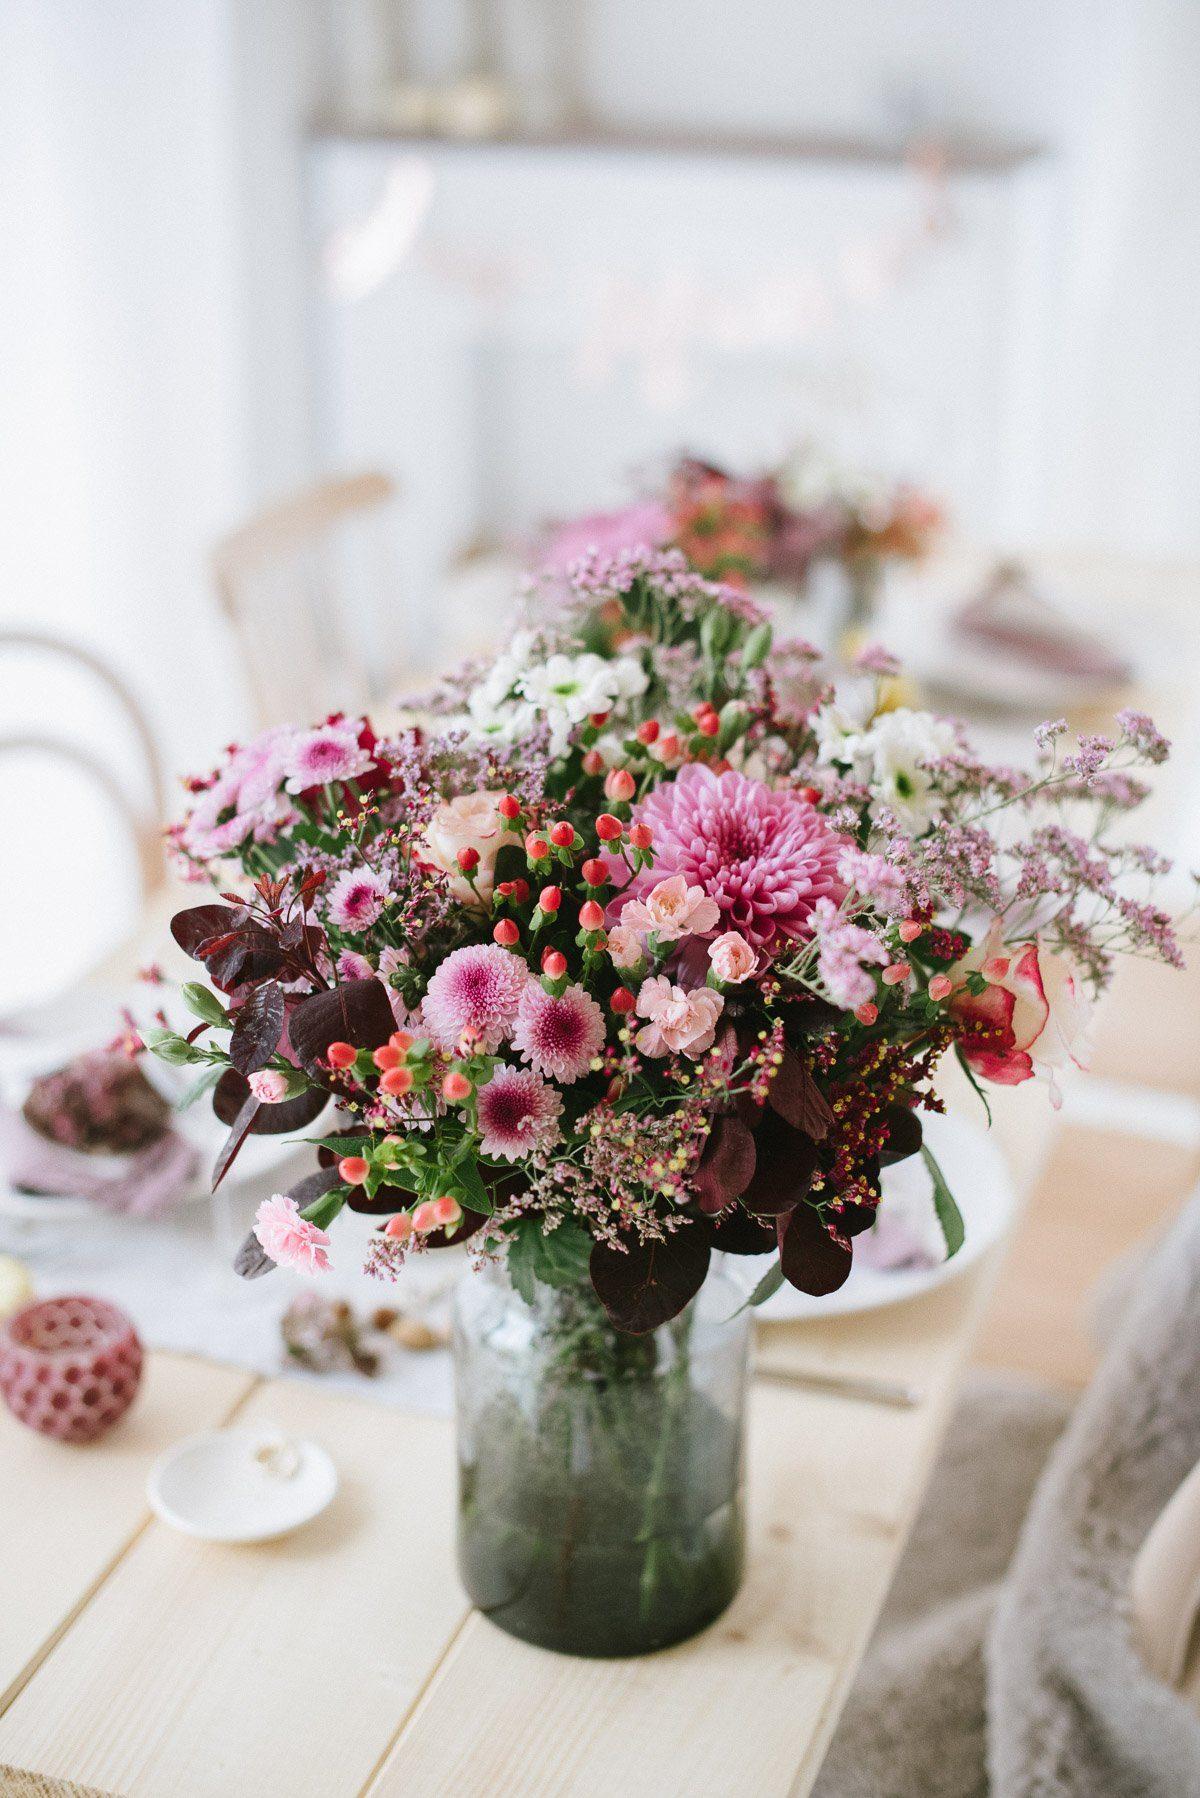 Chrysanthemen Beeren Nusse Leinen Dekoration Einer